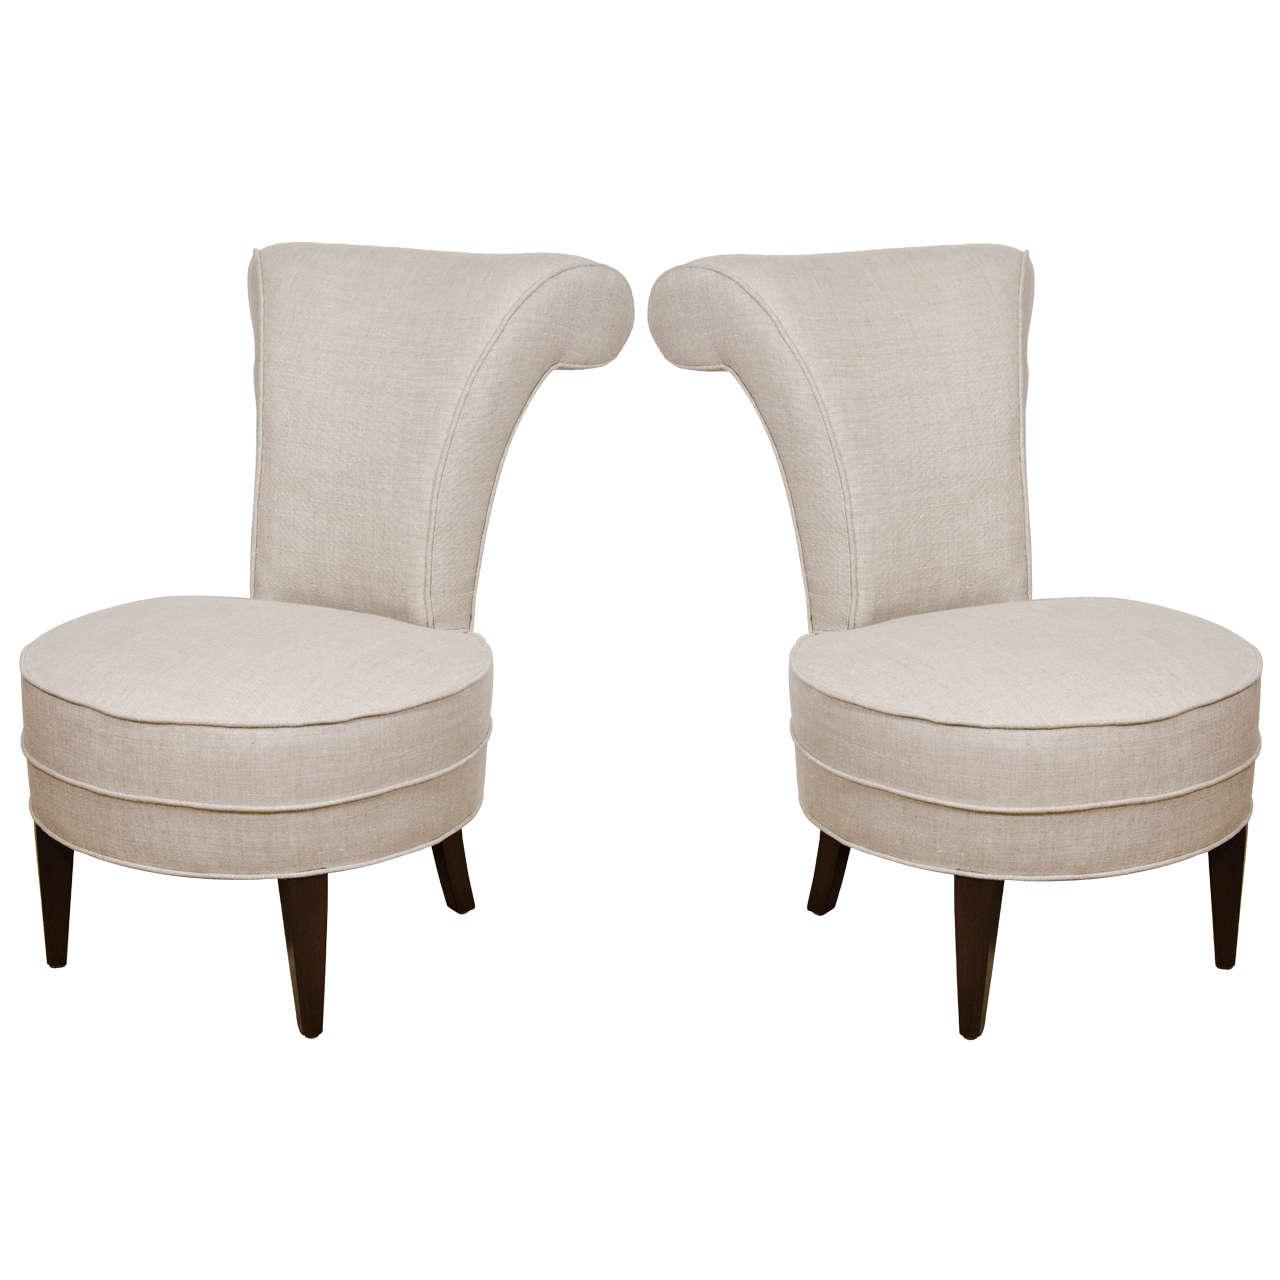 Upholstered Chairs Elegant Upholstery Custom Made